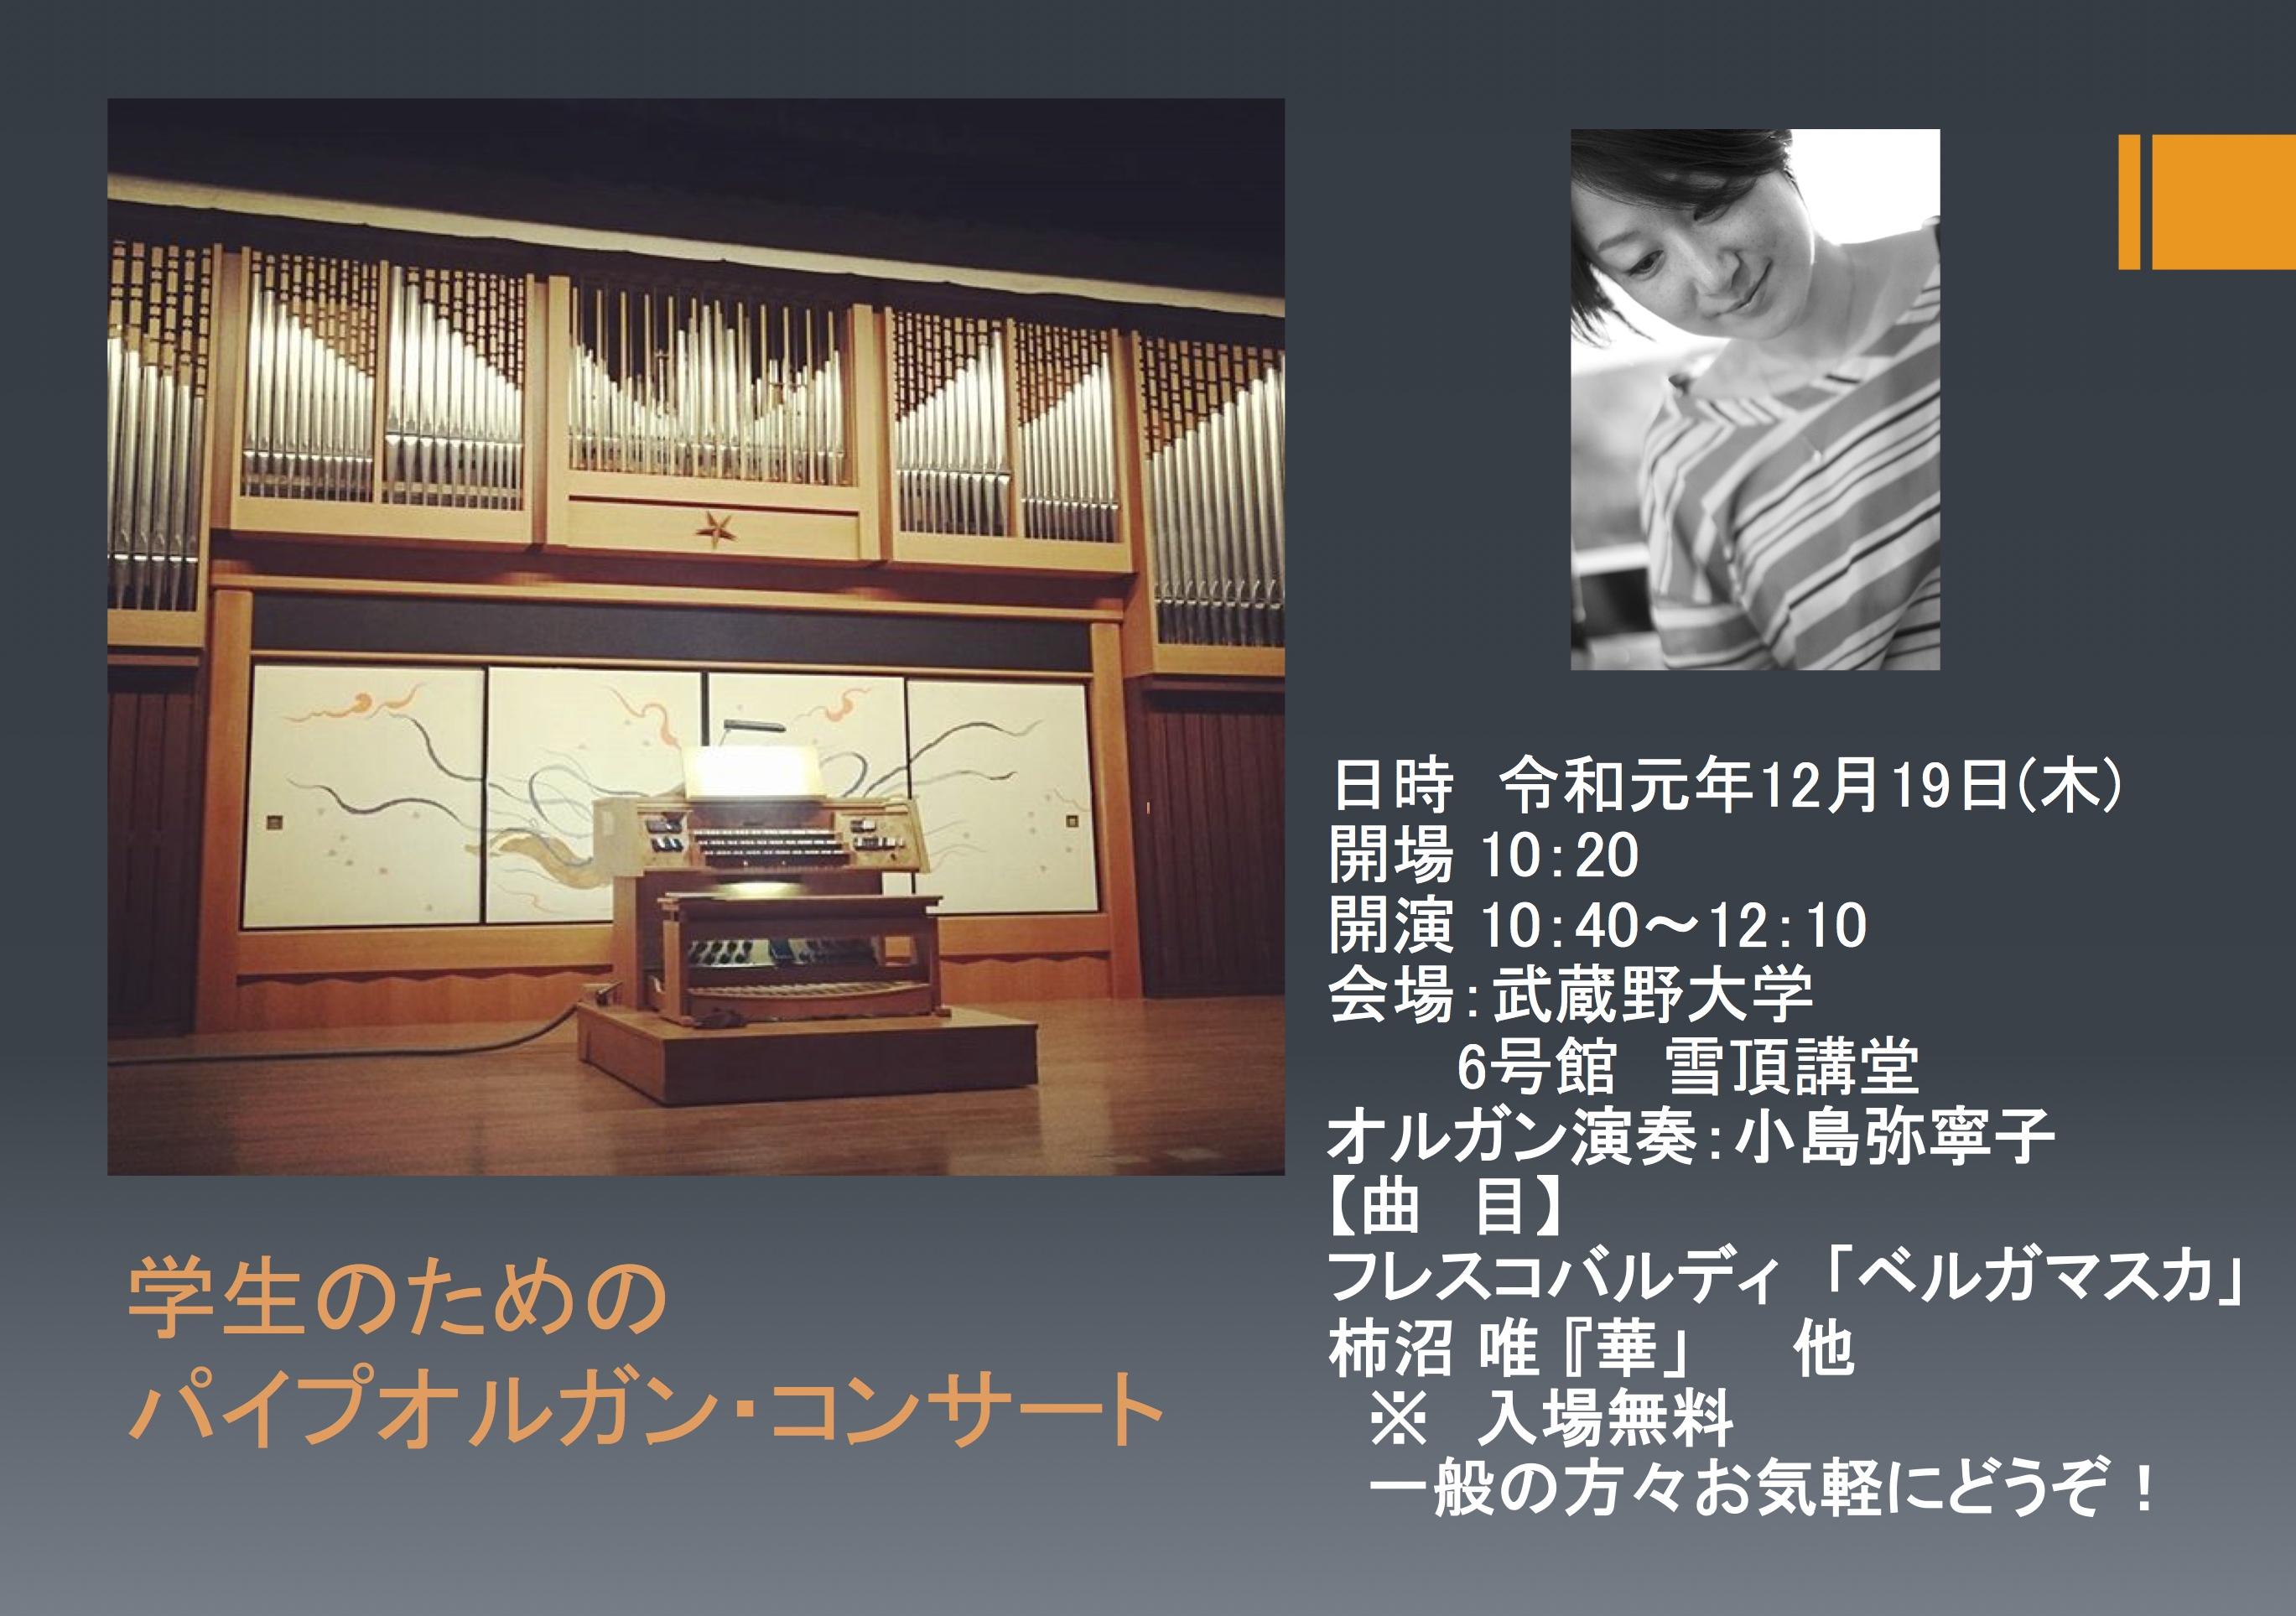 武蔵野大学 パイプオルガン・コンサート